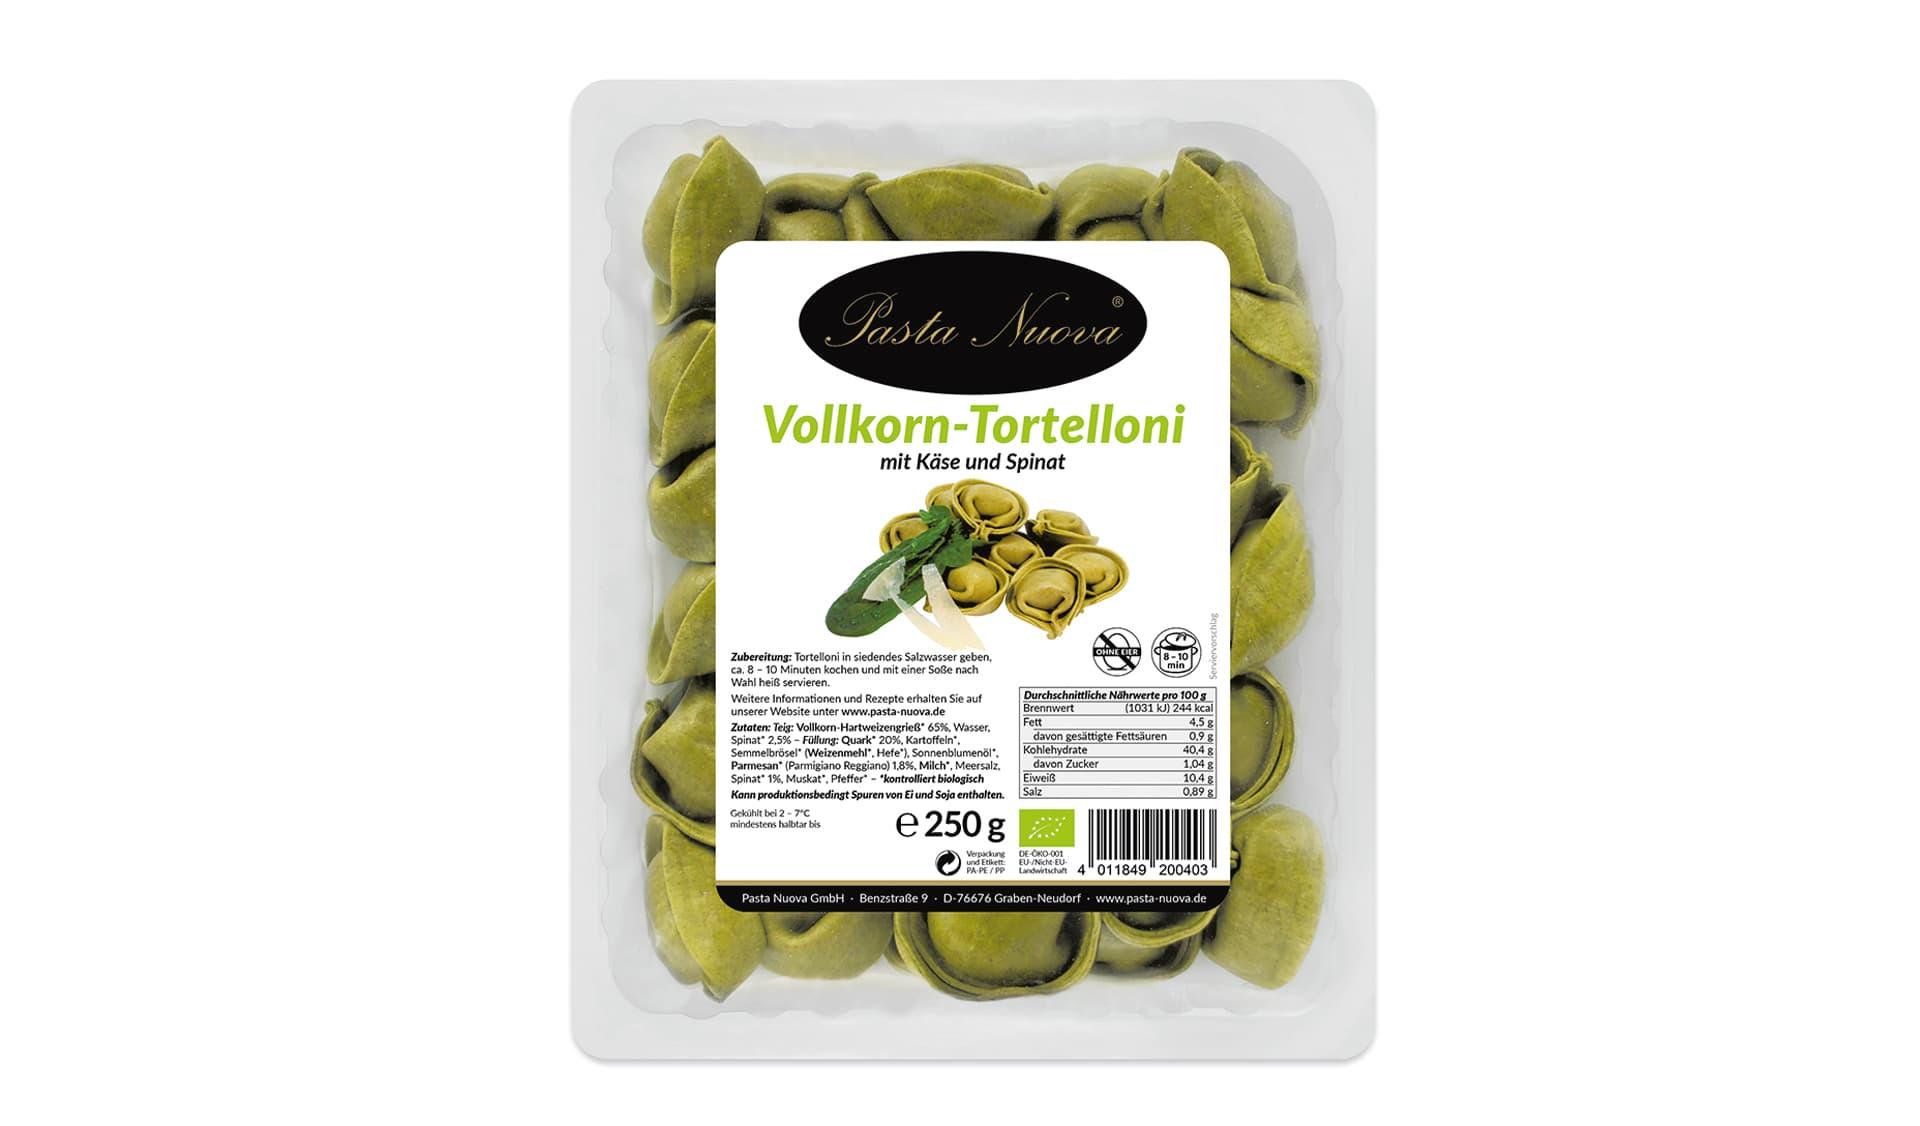 Pasta Nuova (www.pasta-nuova.info) Vollkorn-Tortelloni mit Käse und Spinat